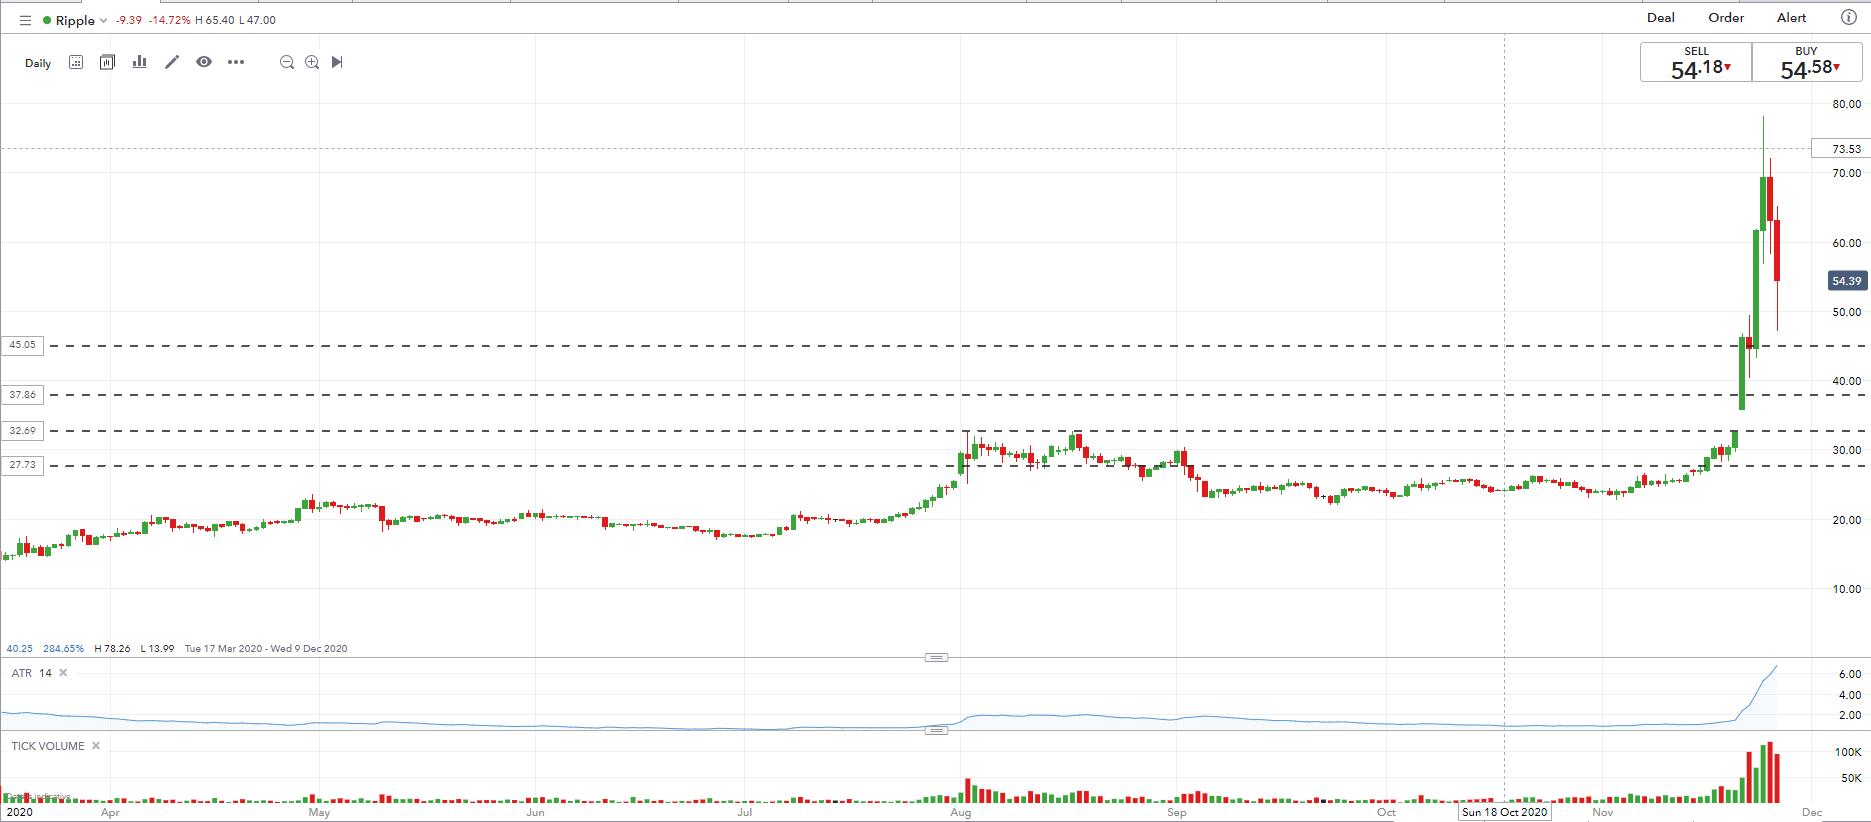 kaip aš prekiauju bitcoin for ripple